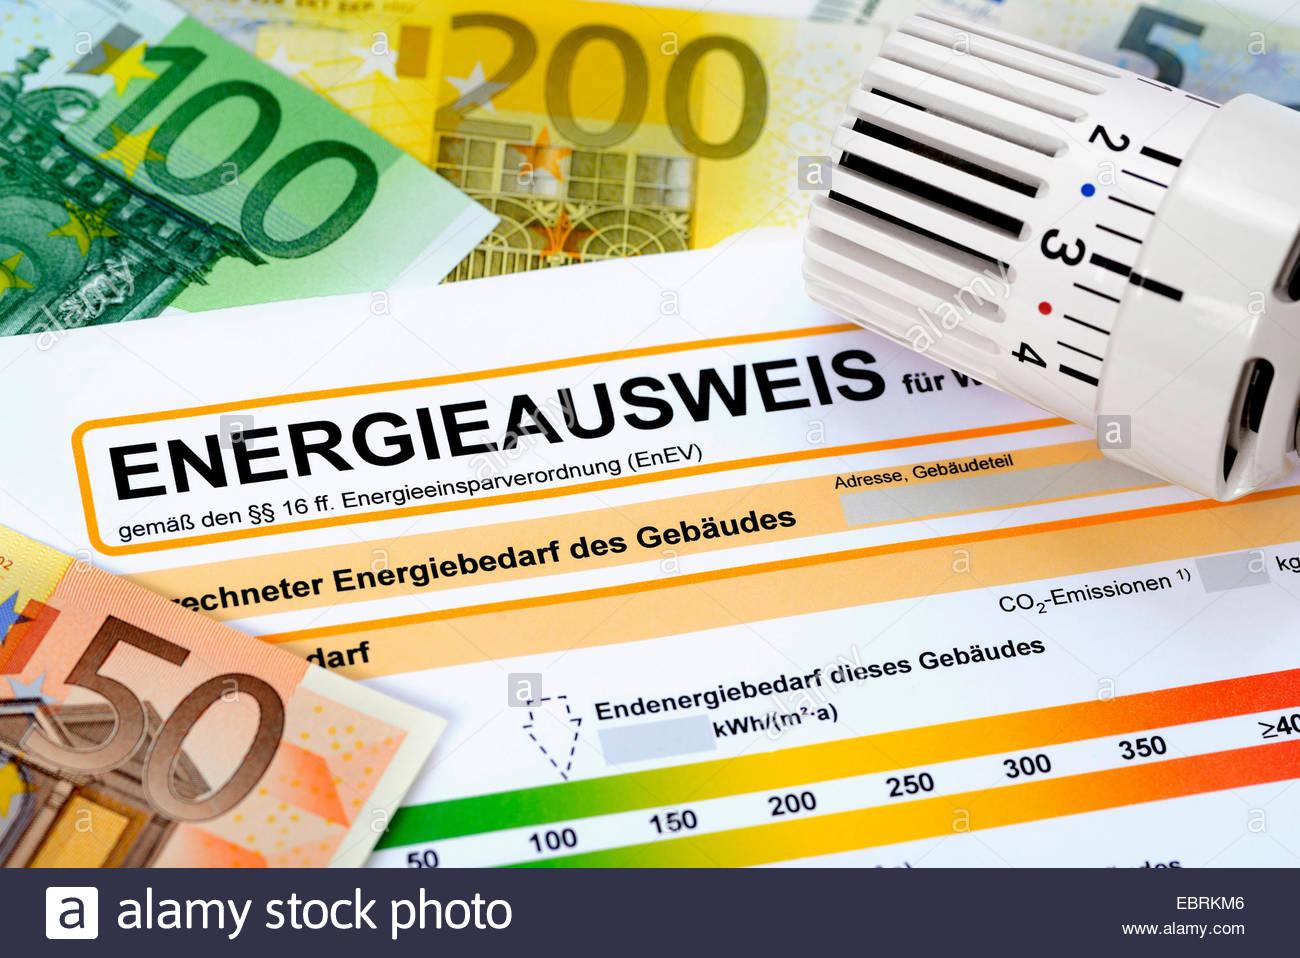 Energía pass, billetes en euros y el termostato, símbolo imagen regulaciones de conservación de energía Imagen De Stock